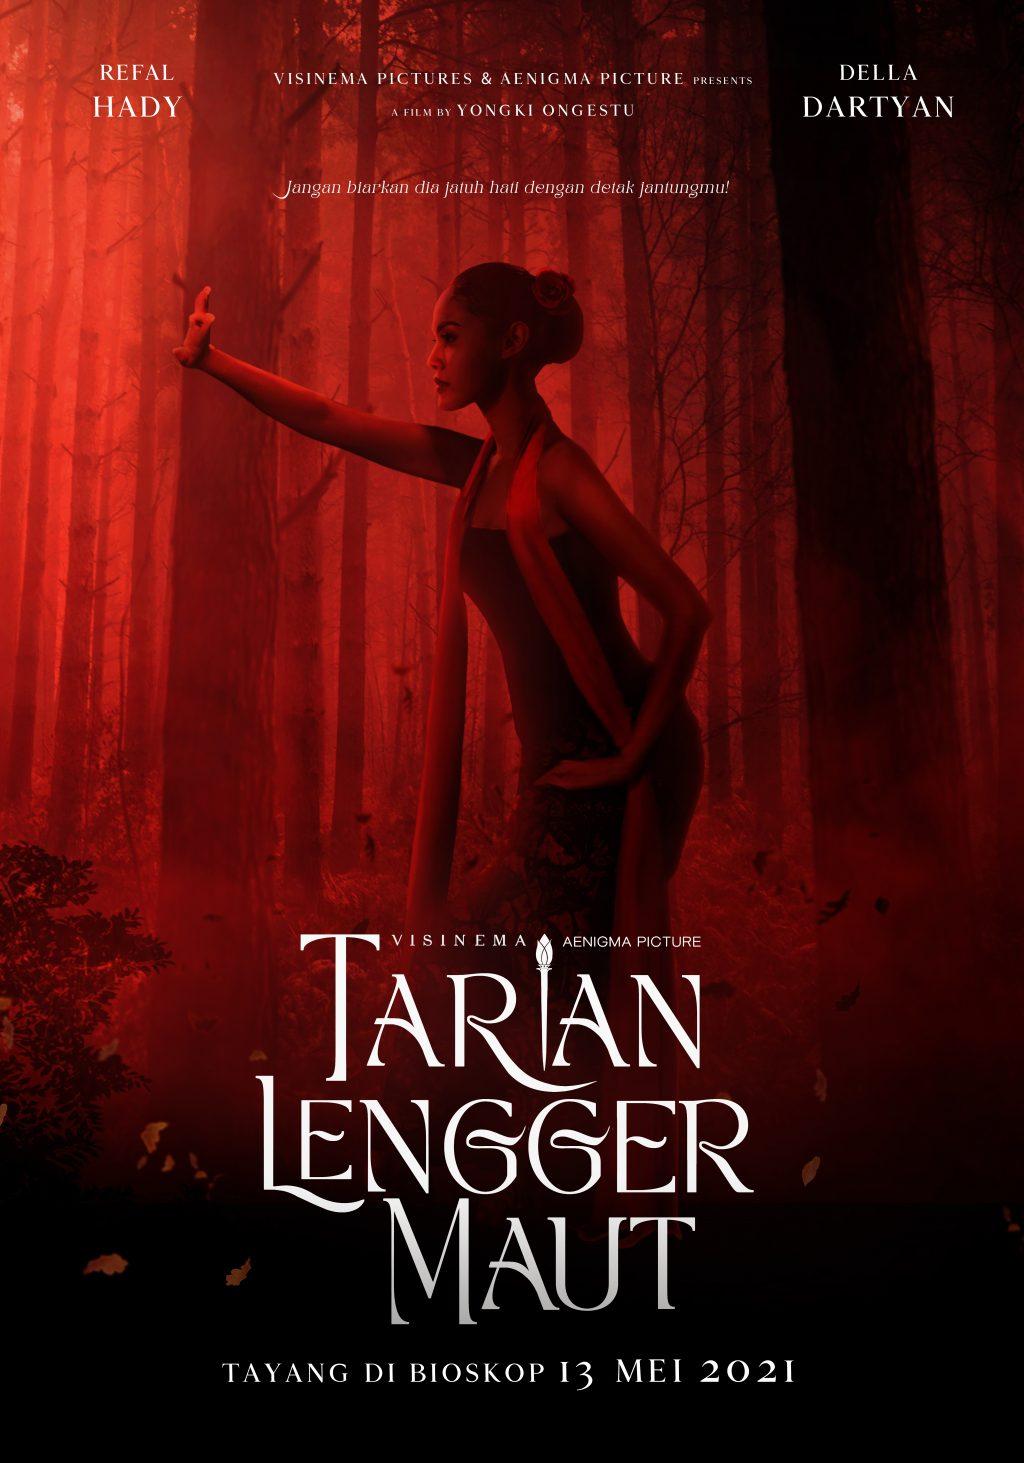 POSTER TARIAN LENGGER MAUT